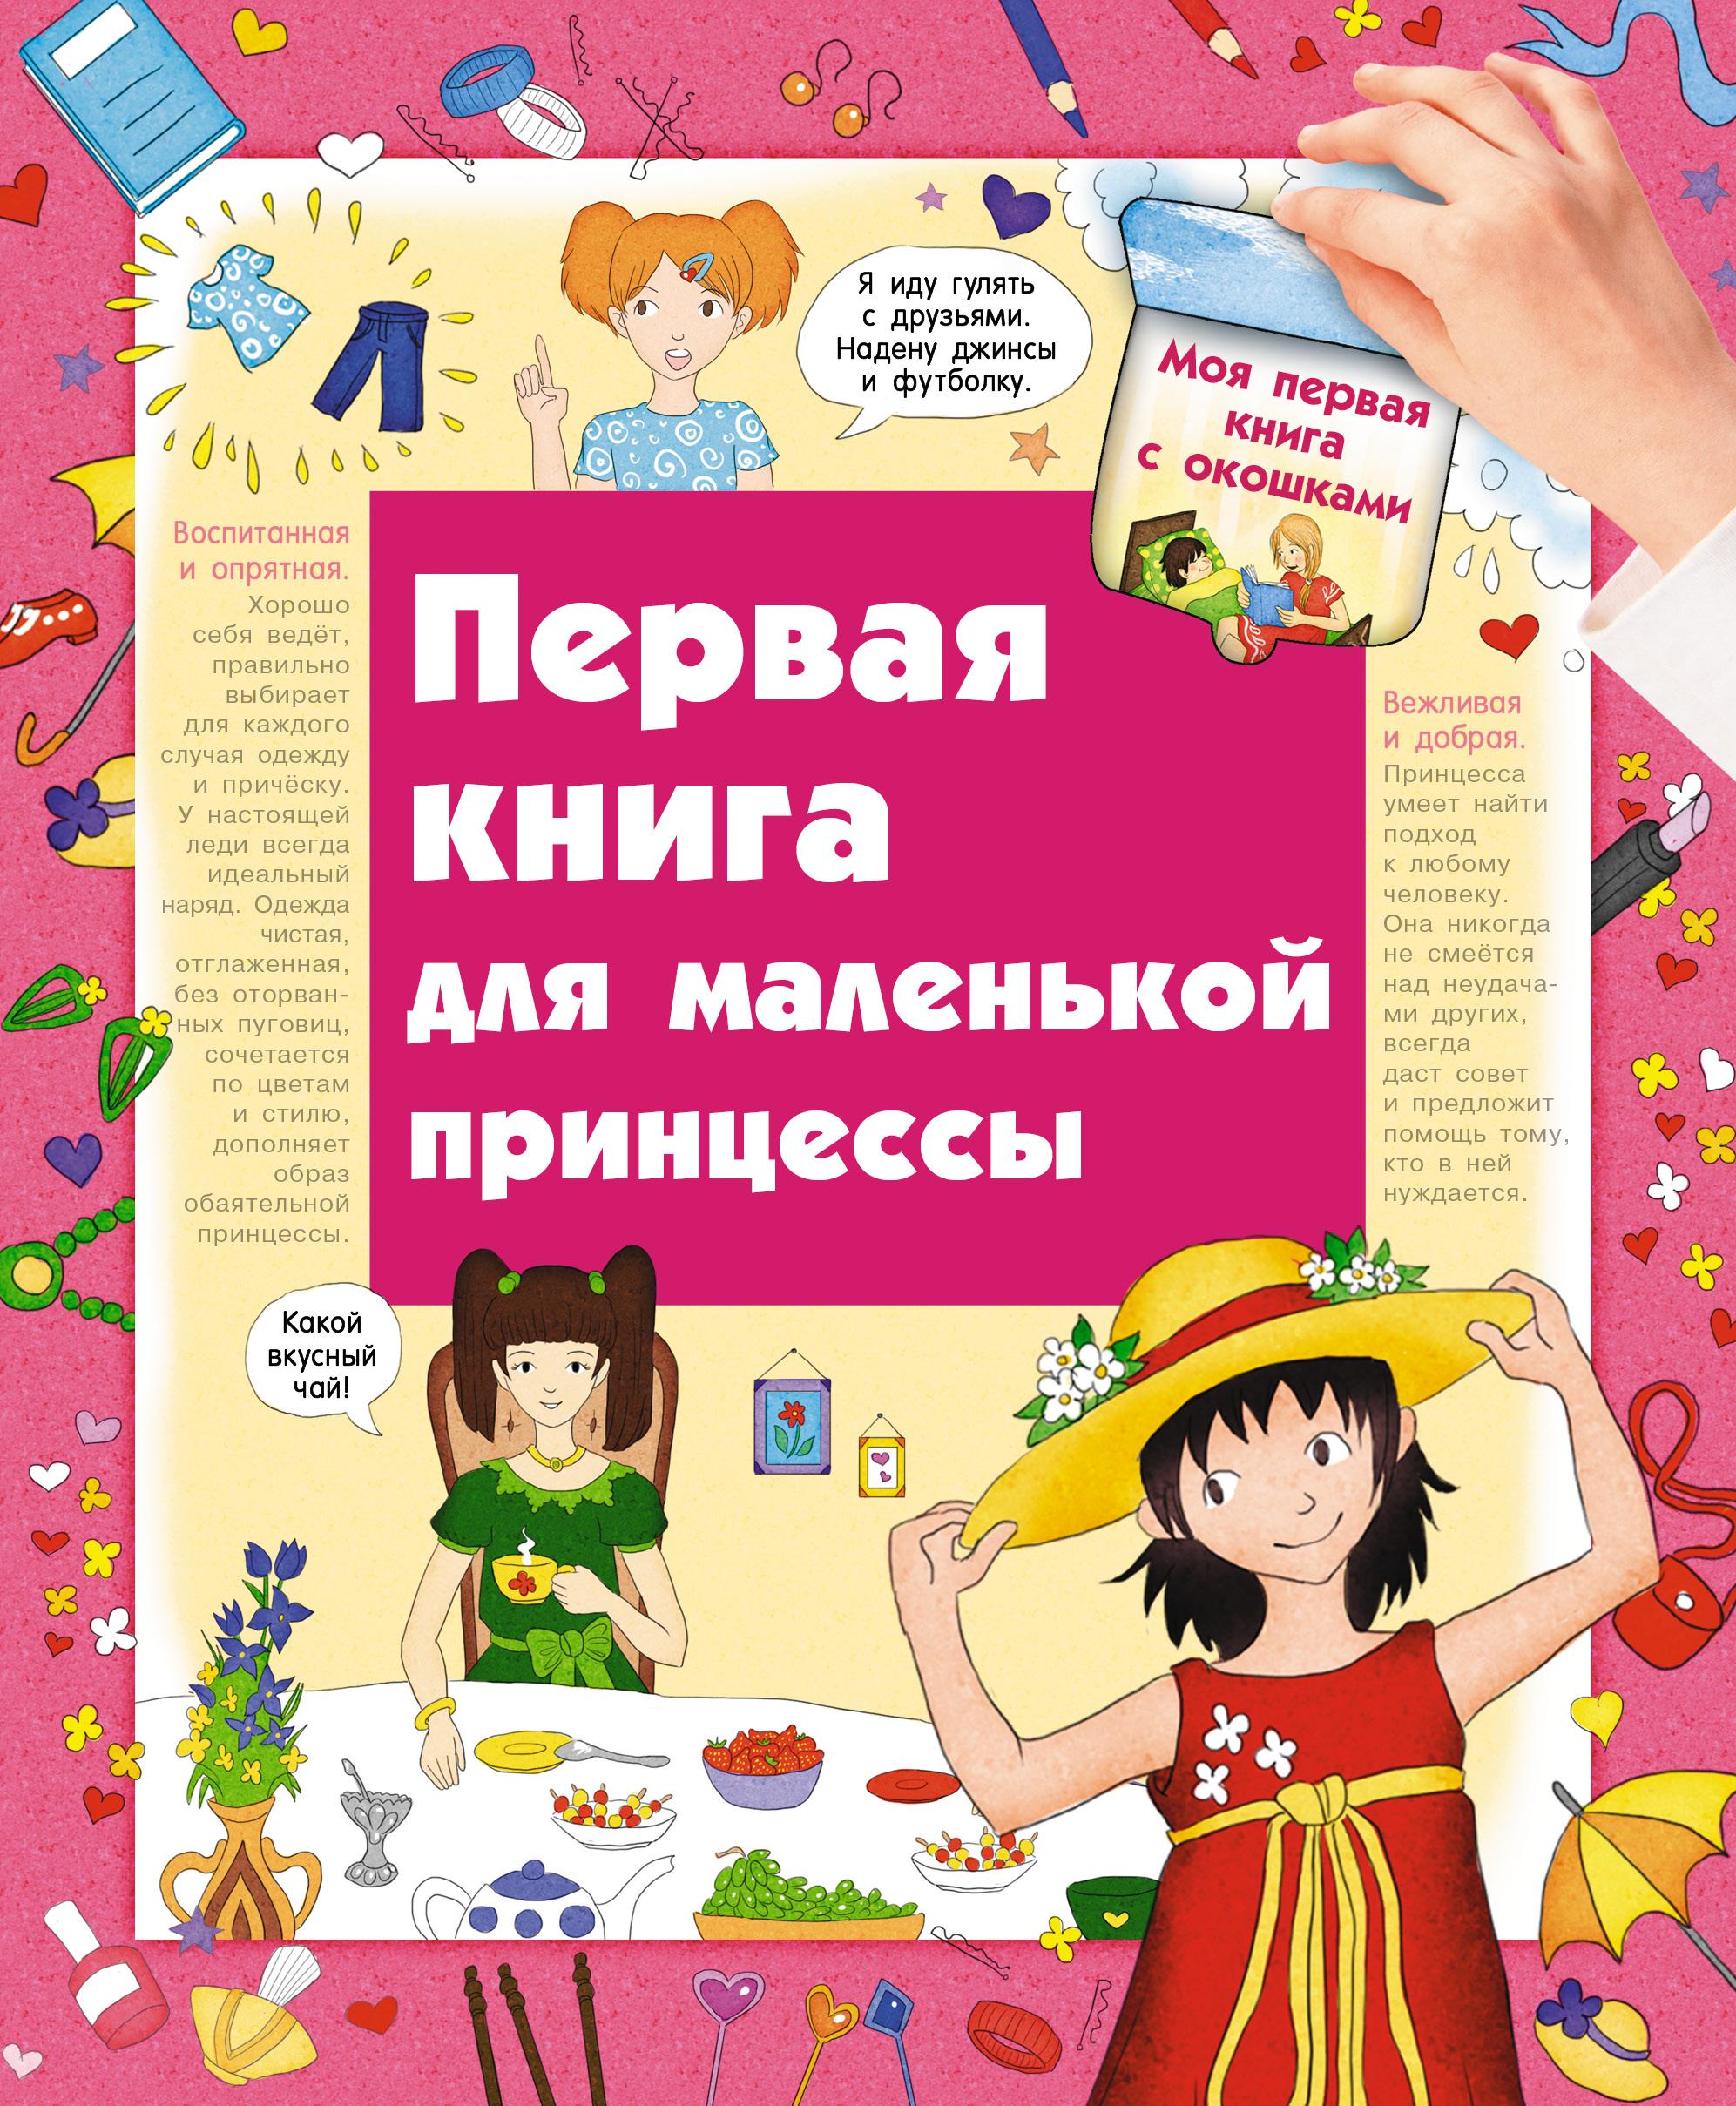 Первая книга маленькой принцессы